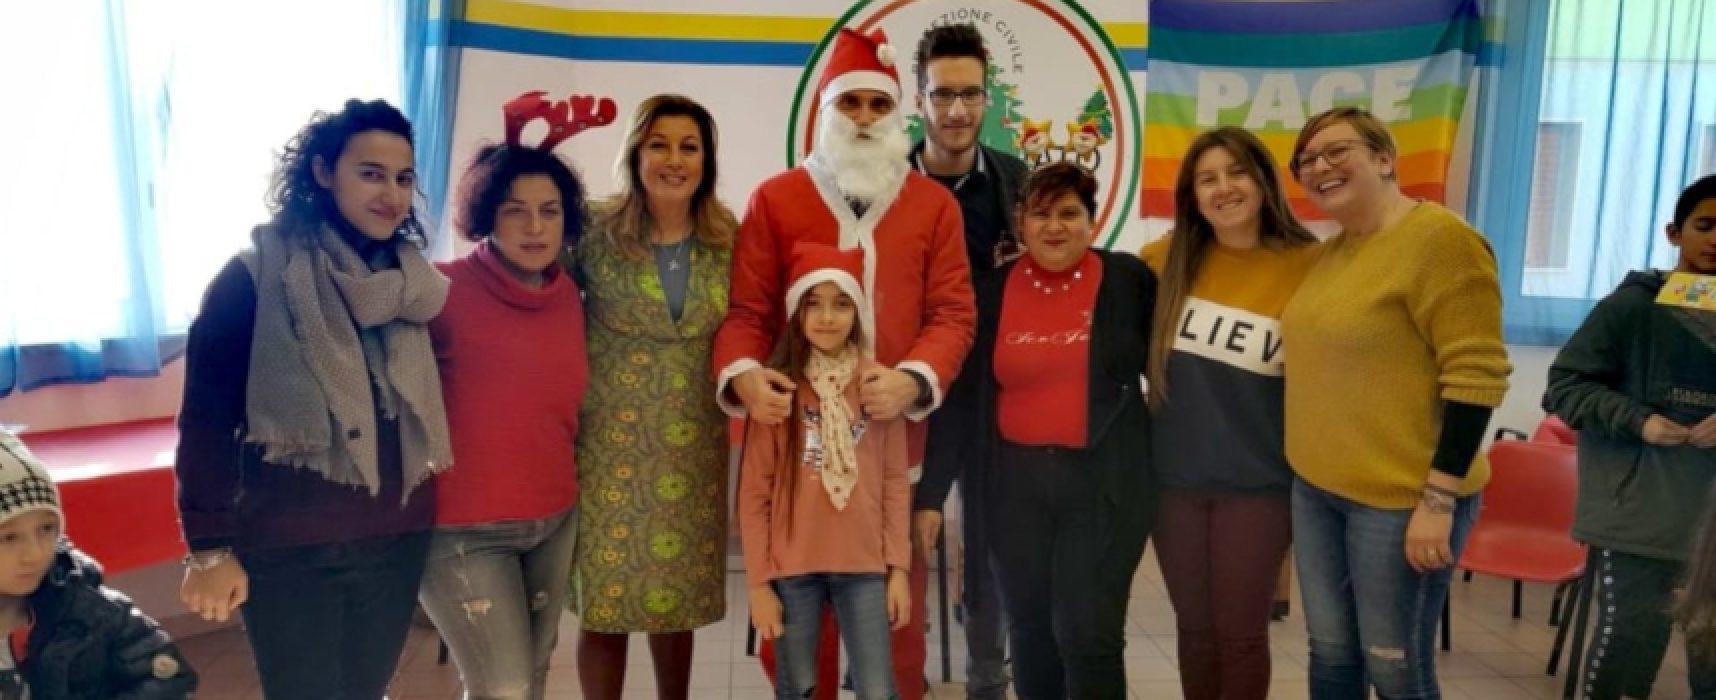 """Meetup 5 Stelle dona giochi ai bimbi, Galantino: """"Il futuro è nelle vostre mani"""" / FOTO"""